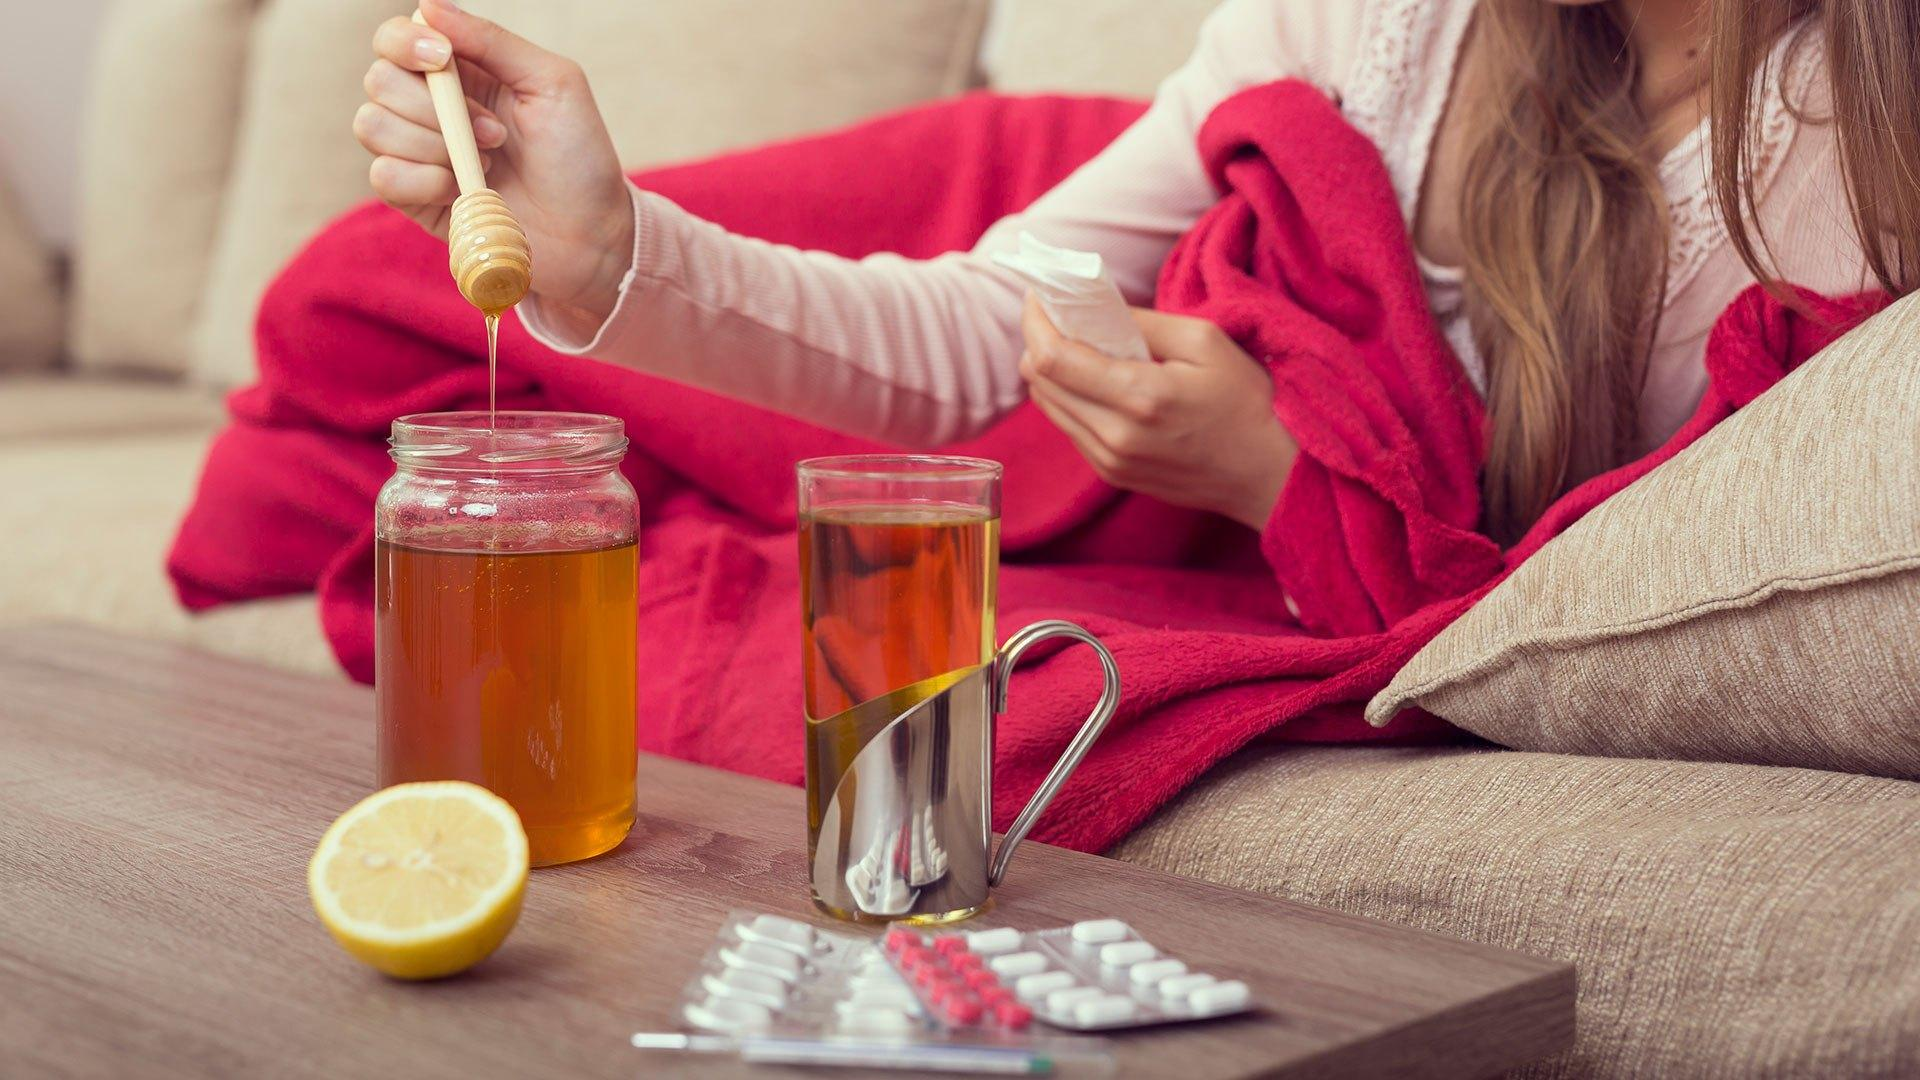 Правильное питание во время болезни поможет поправиться скорее